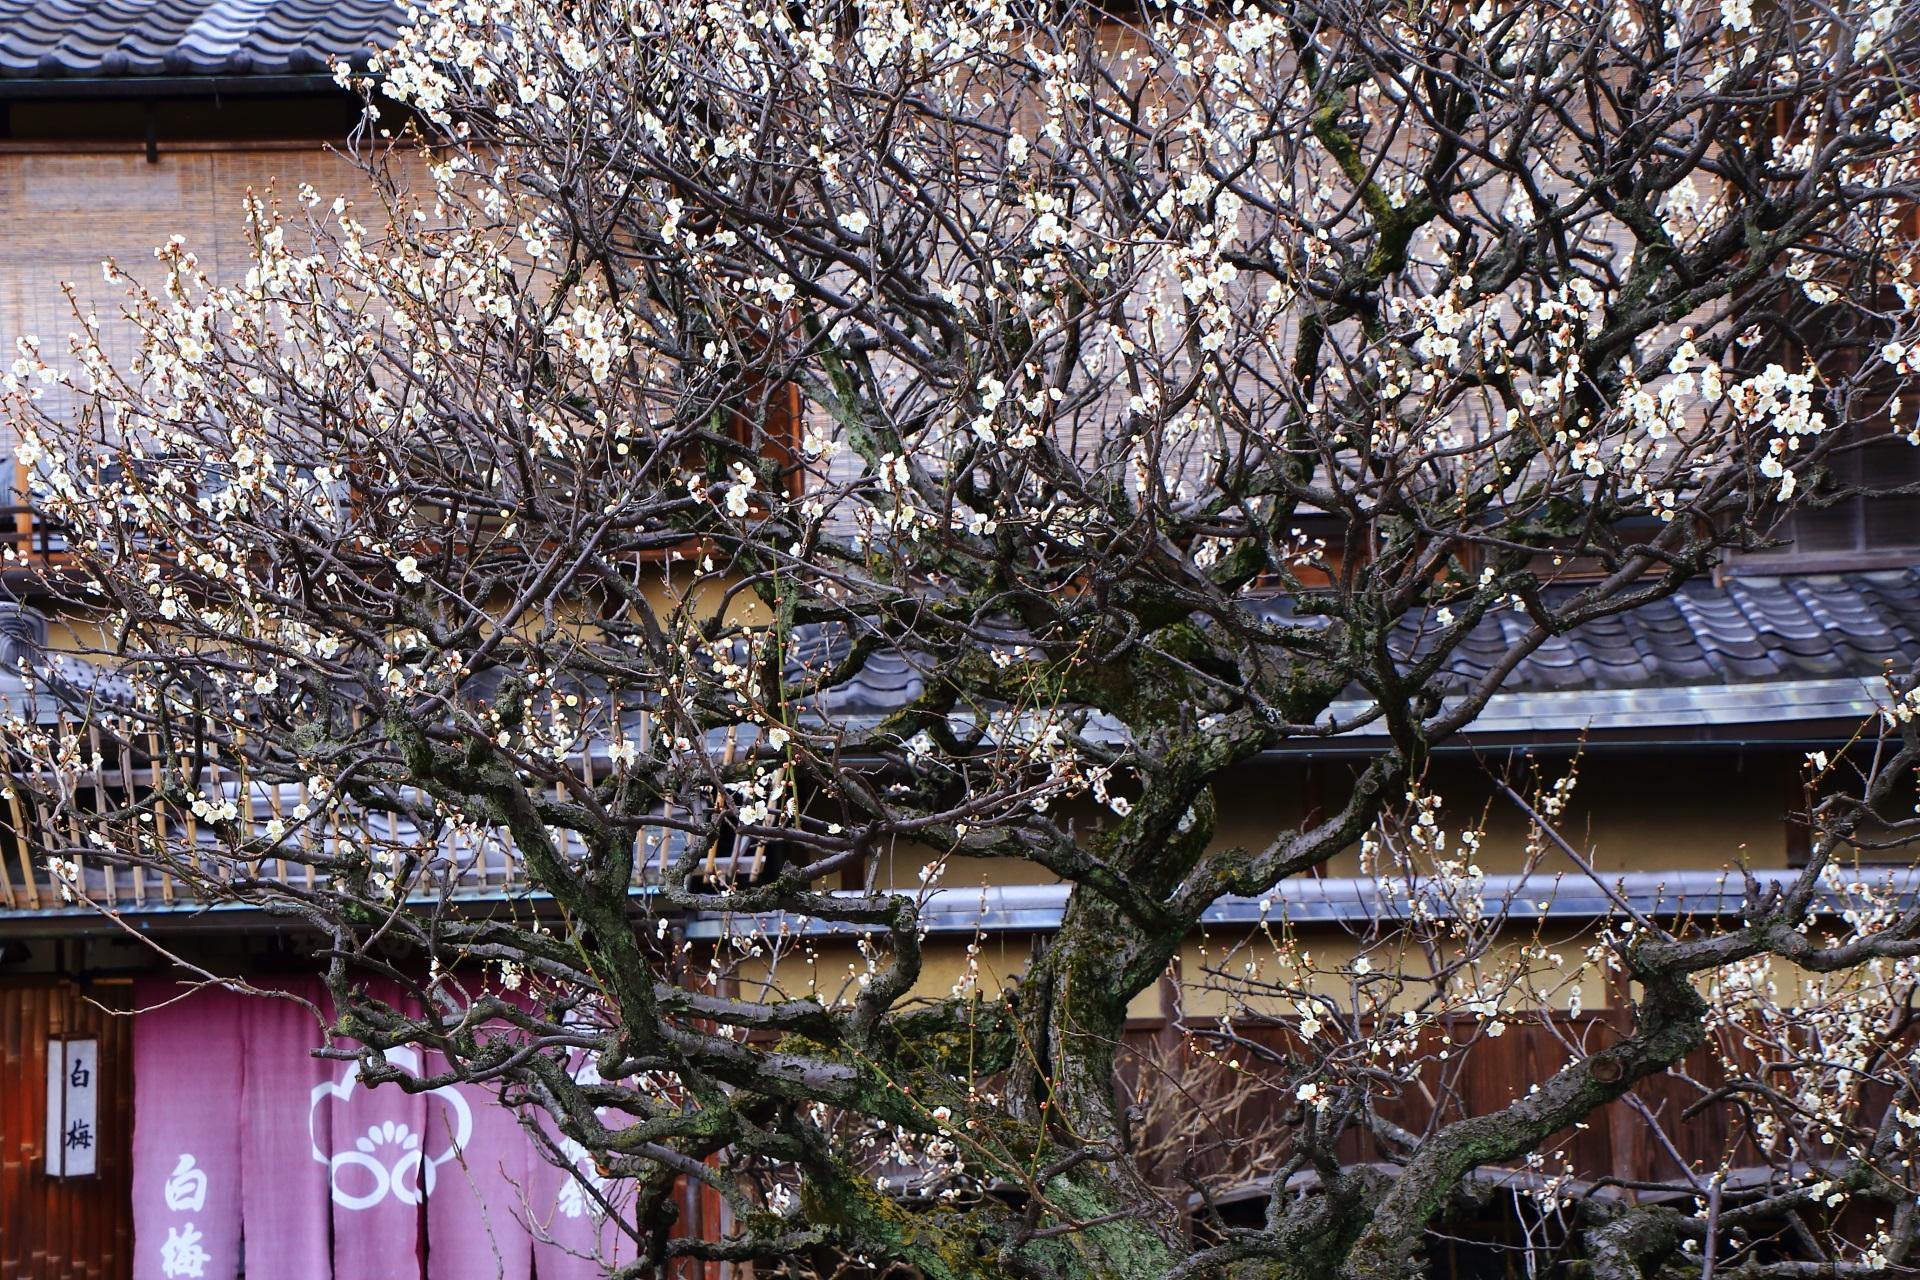 料理旅館の白梅(しらうめ)さんの建物と暖簾が引き立てる梅